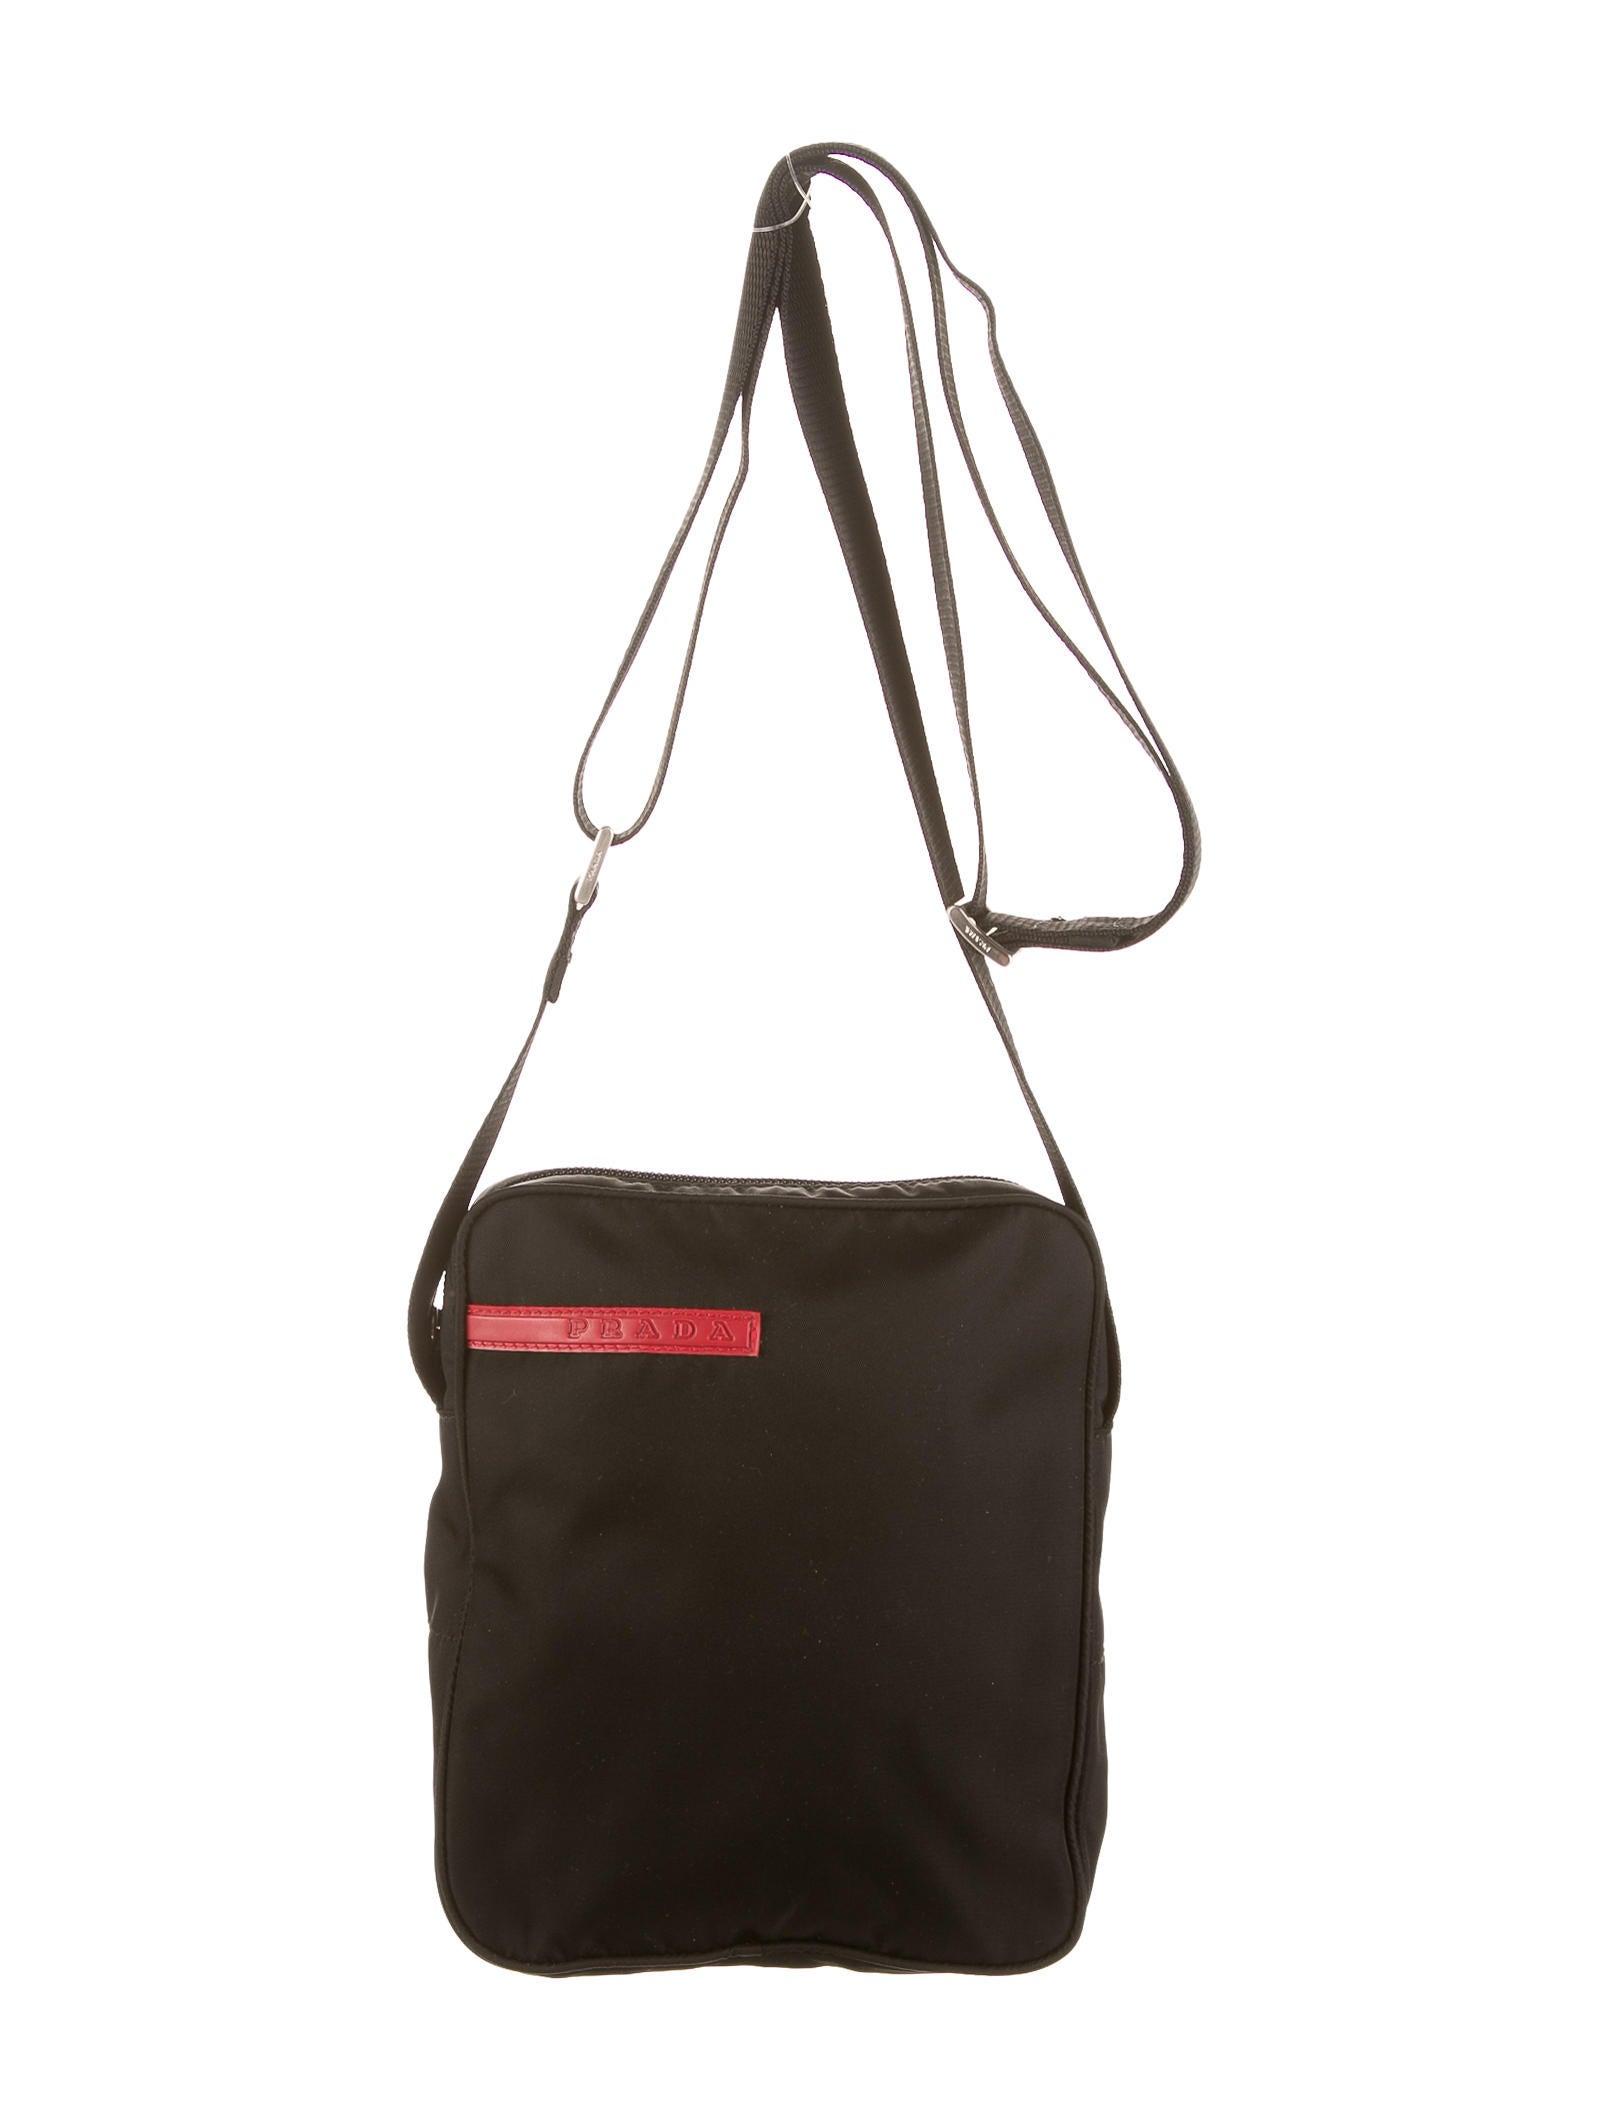 9c61c672d883 Prada Sport Messenger Bag - Bags - WPR23696